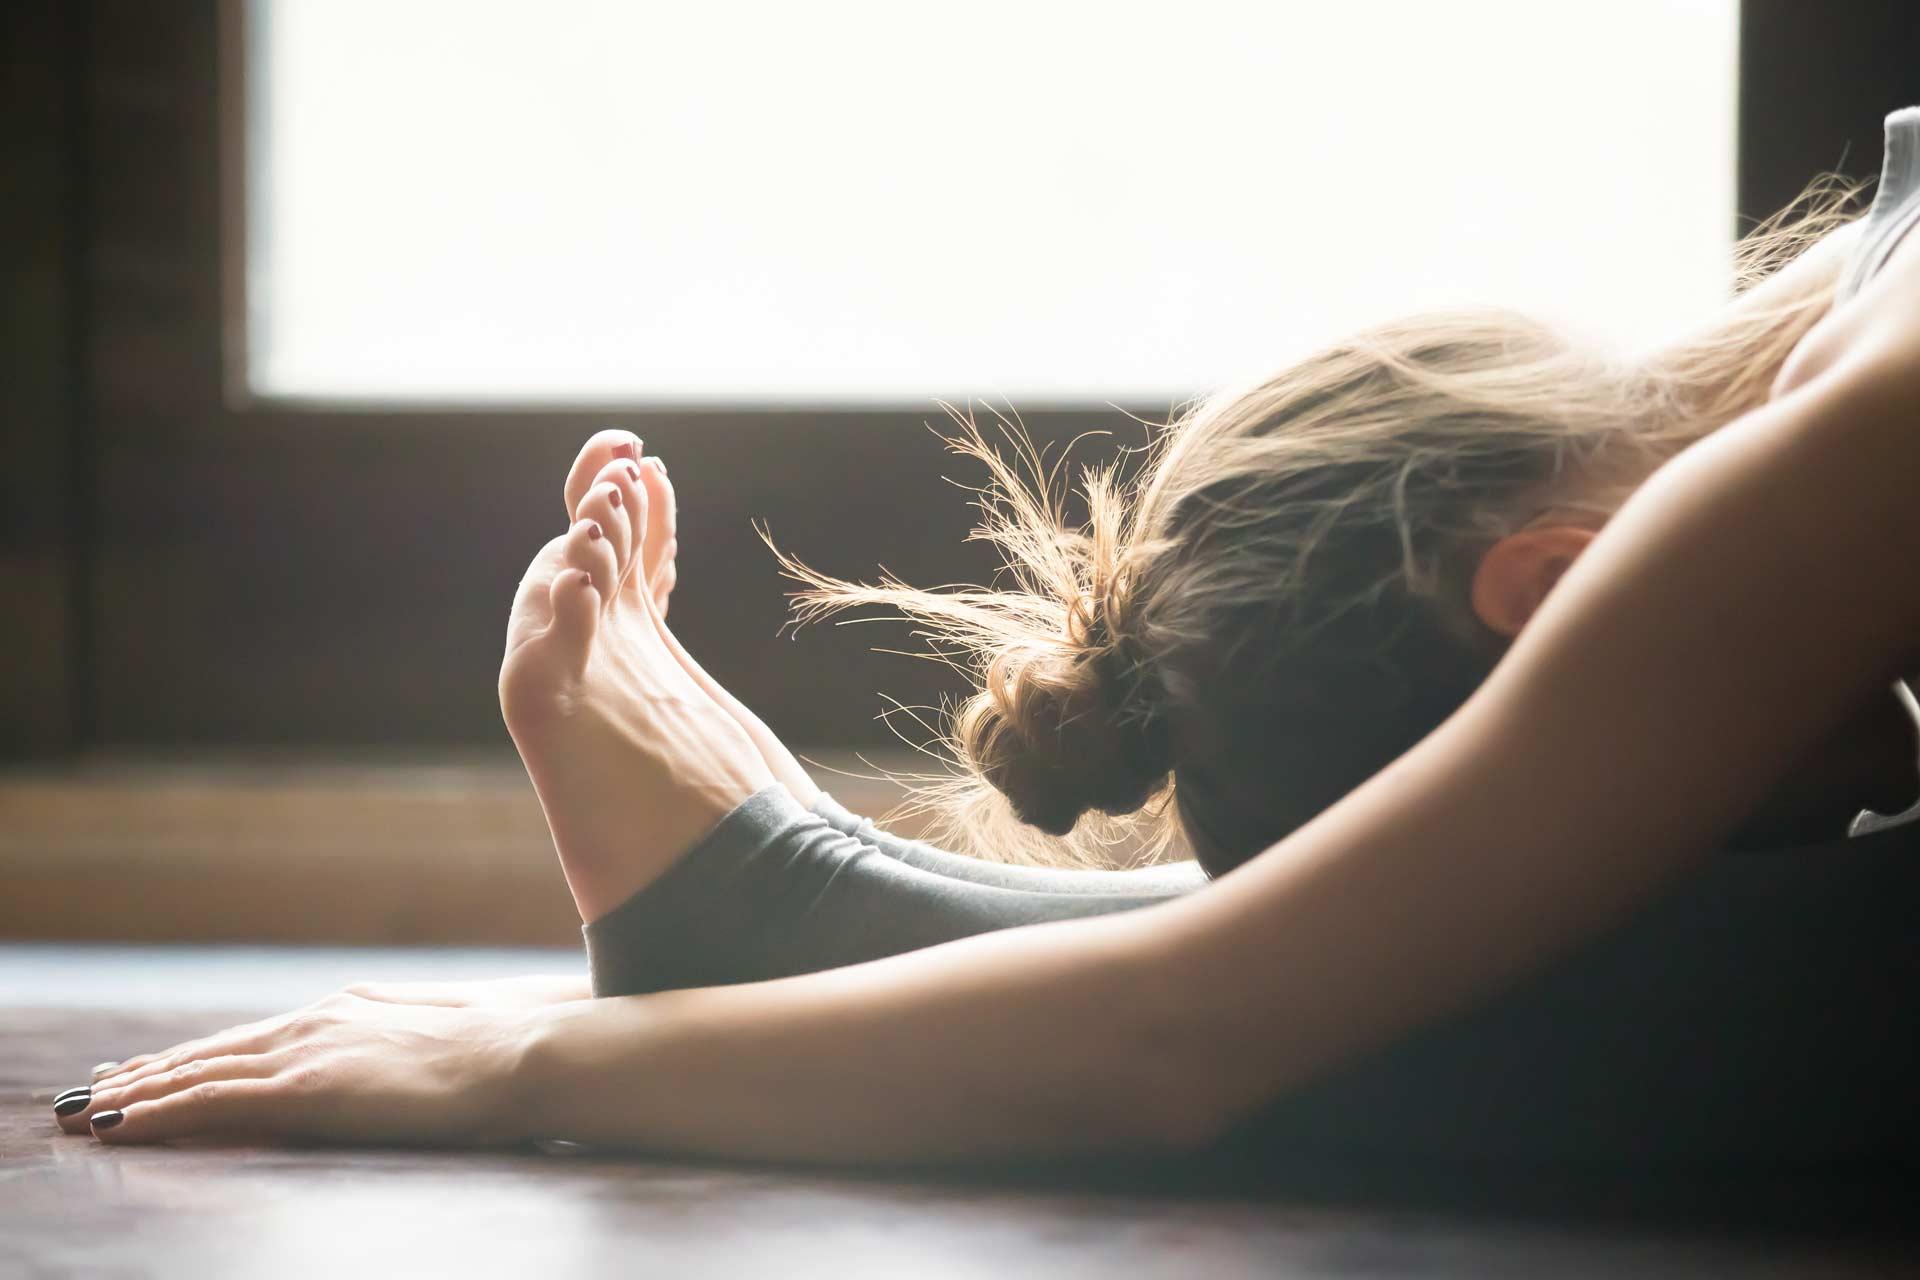 Cours yoga thérapie paris 14 - yoga thérapeutique et yoga restaurateur - yoga restorative